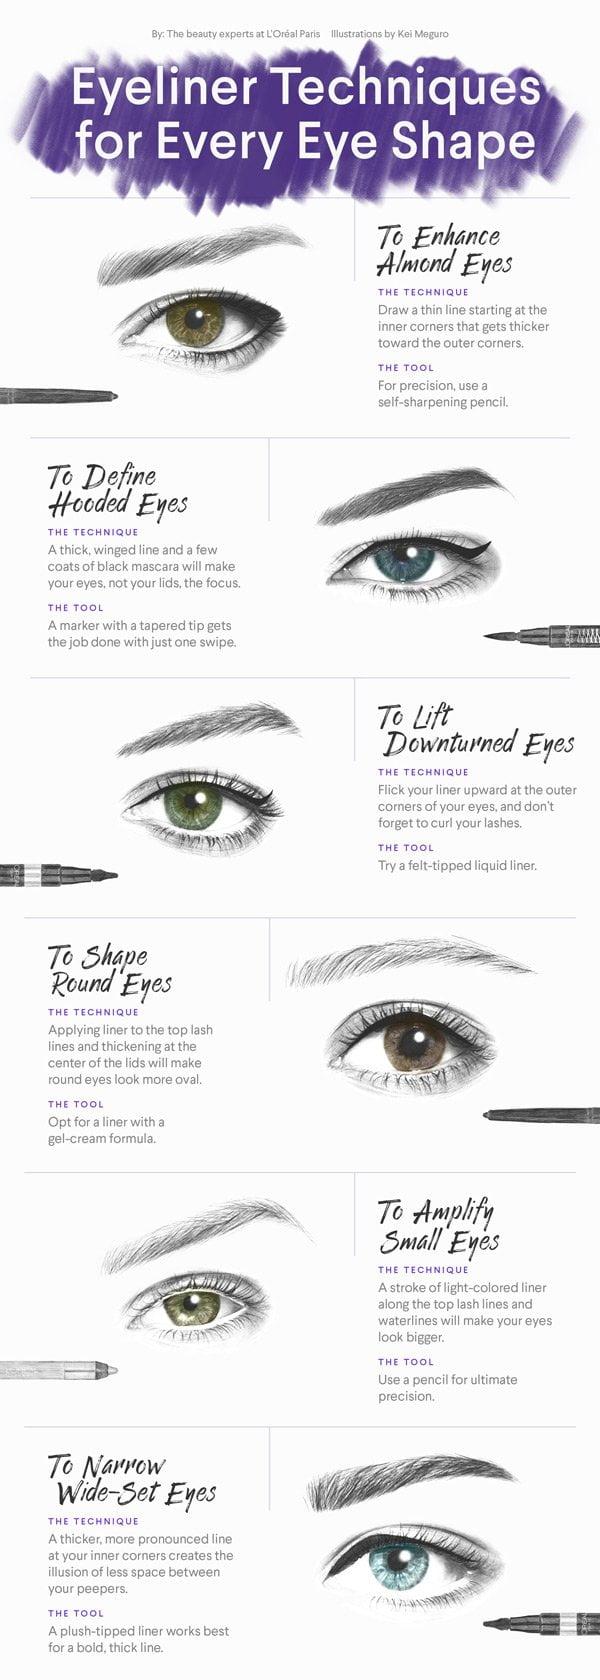 Die besten Eye Make-Up Tutorials auf Pinterest: Eyeliner Techniques (L'Oréal Paris)